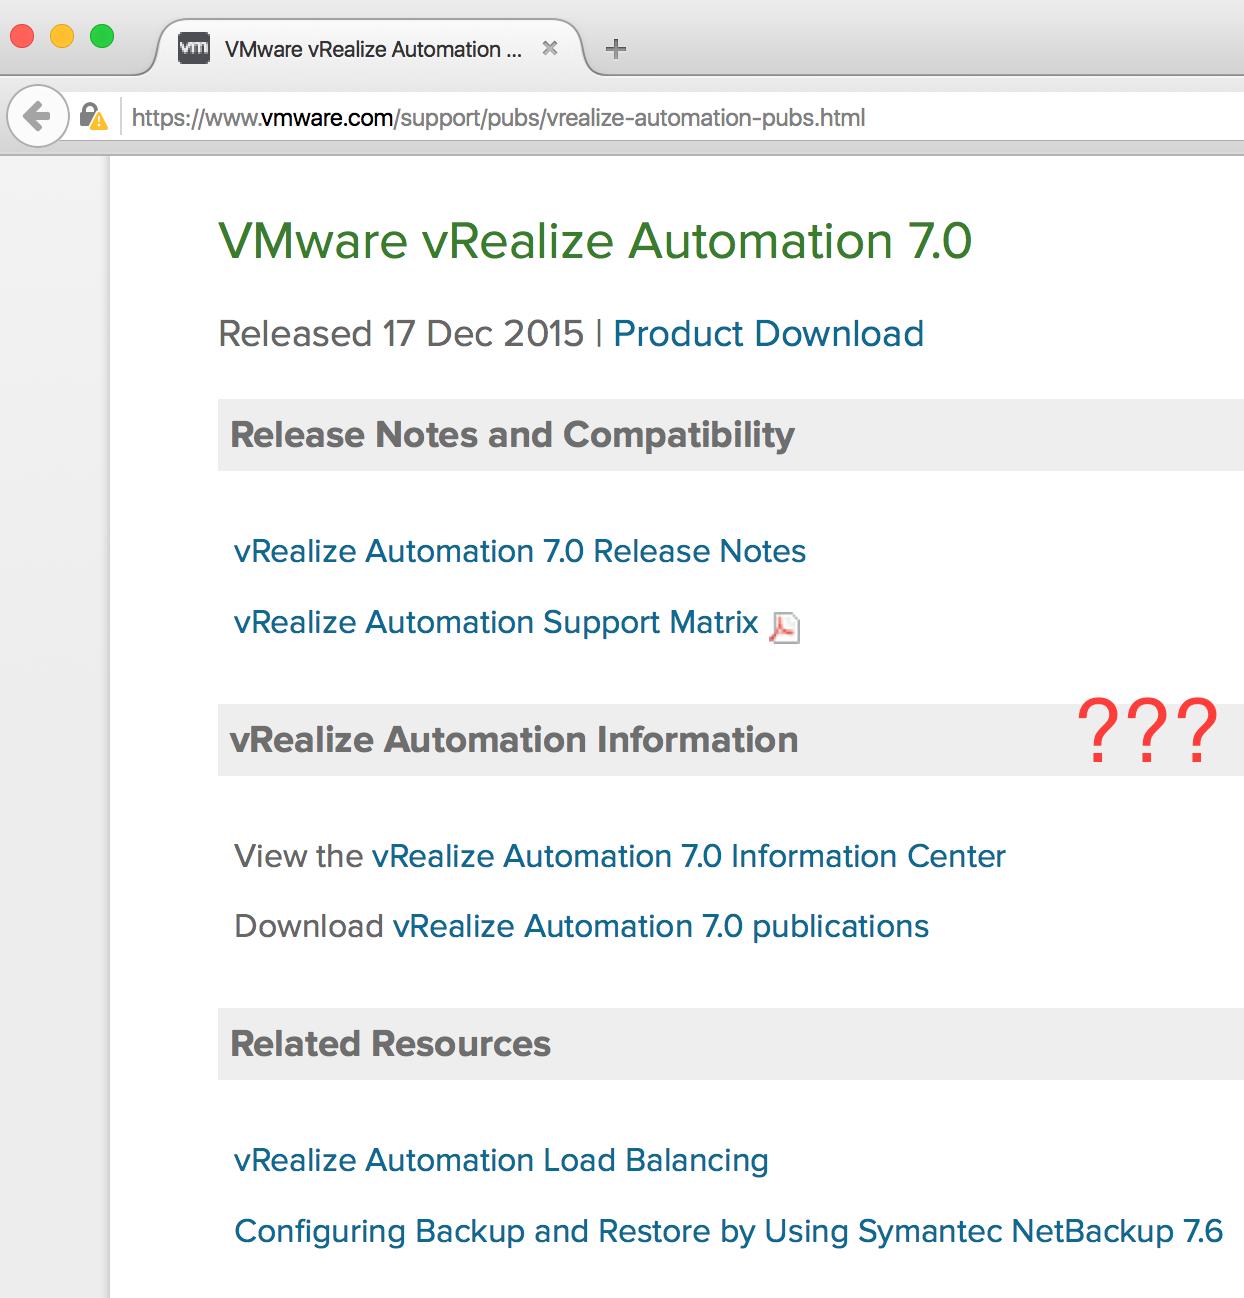 vsphere 6 7 documentation